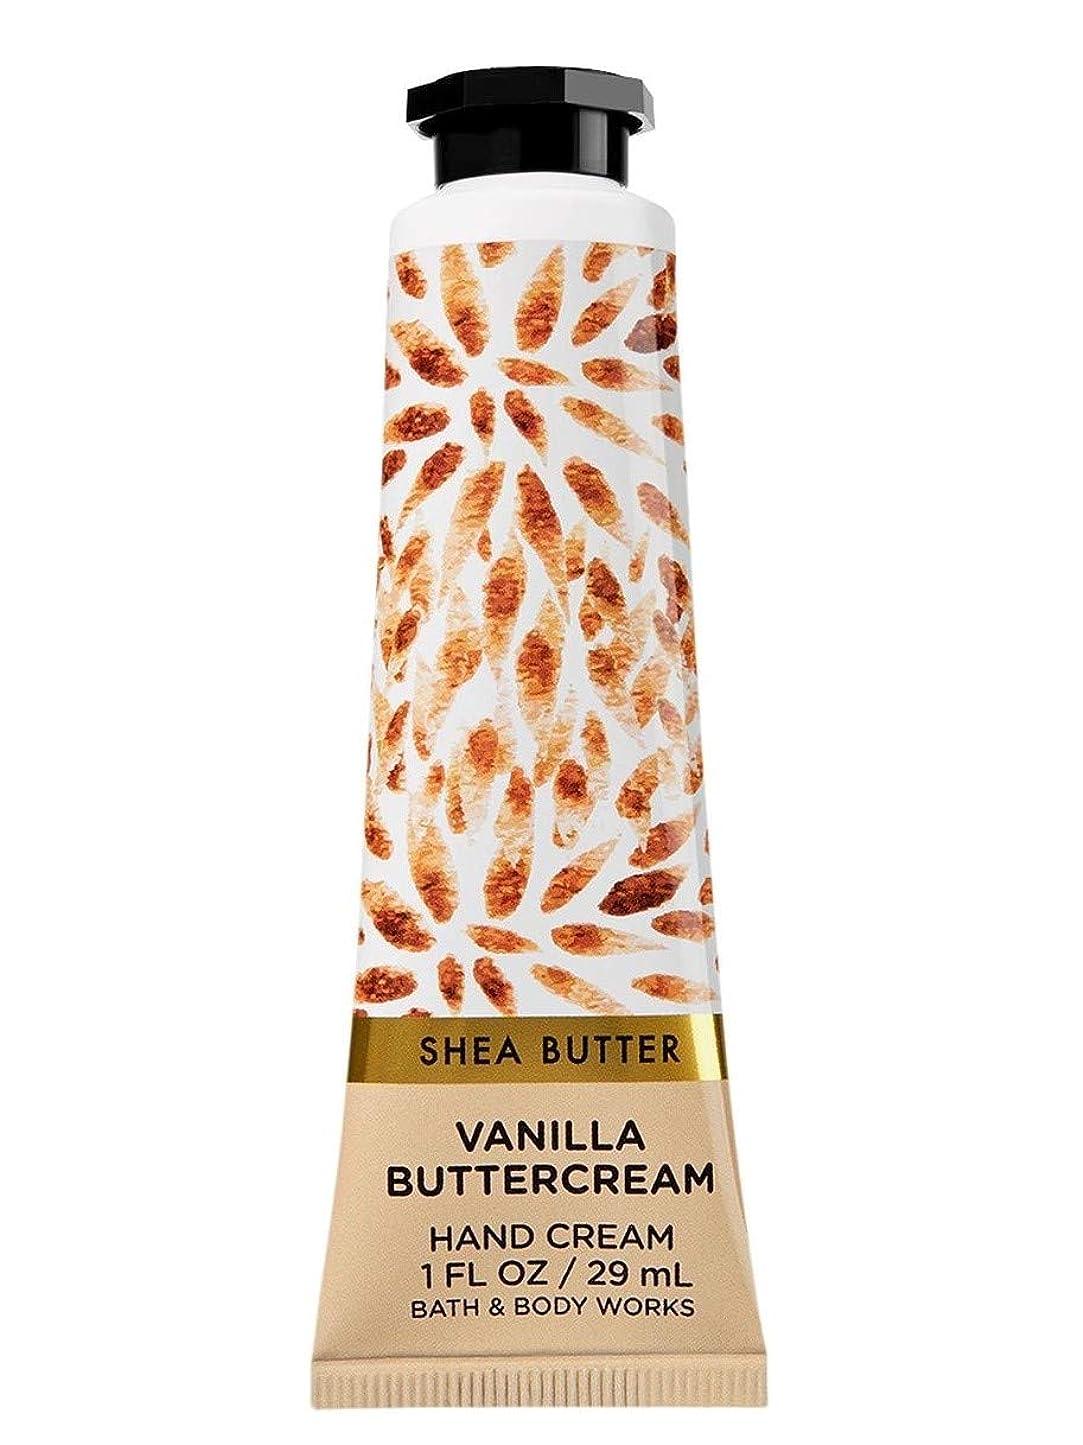 連隊ソート薄める【Bath&Body Works/バス&ボディワークス】 シアバター ハンドクリーム バニラバタークリーム Shea Butter Hand Cream Vanilla Buttercream 1 fl oz / 29 mL [並行輸入品]